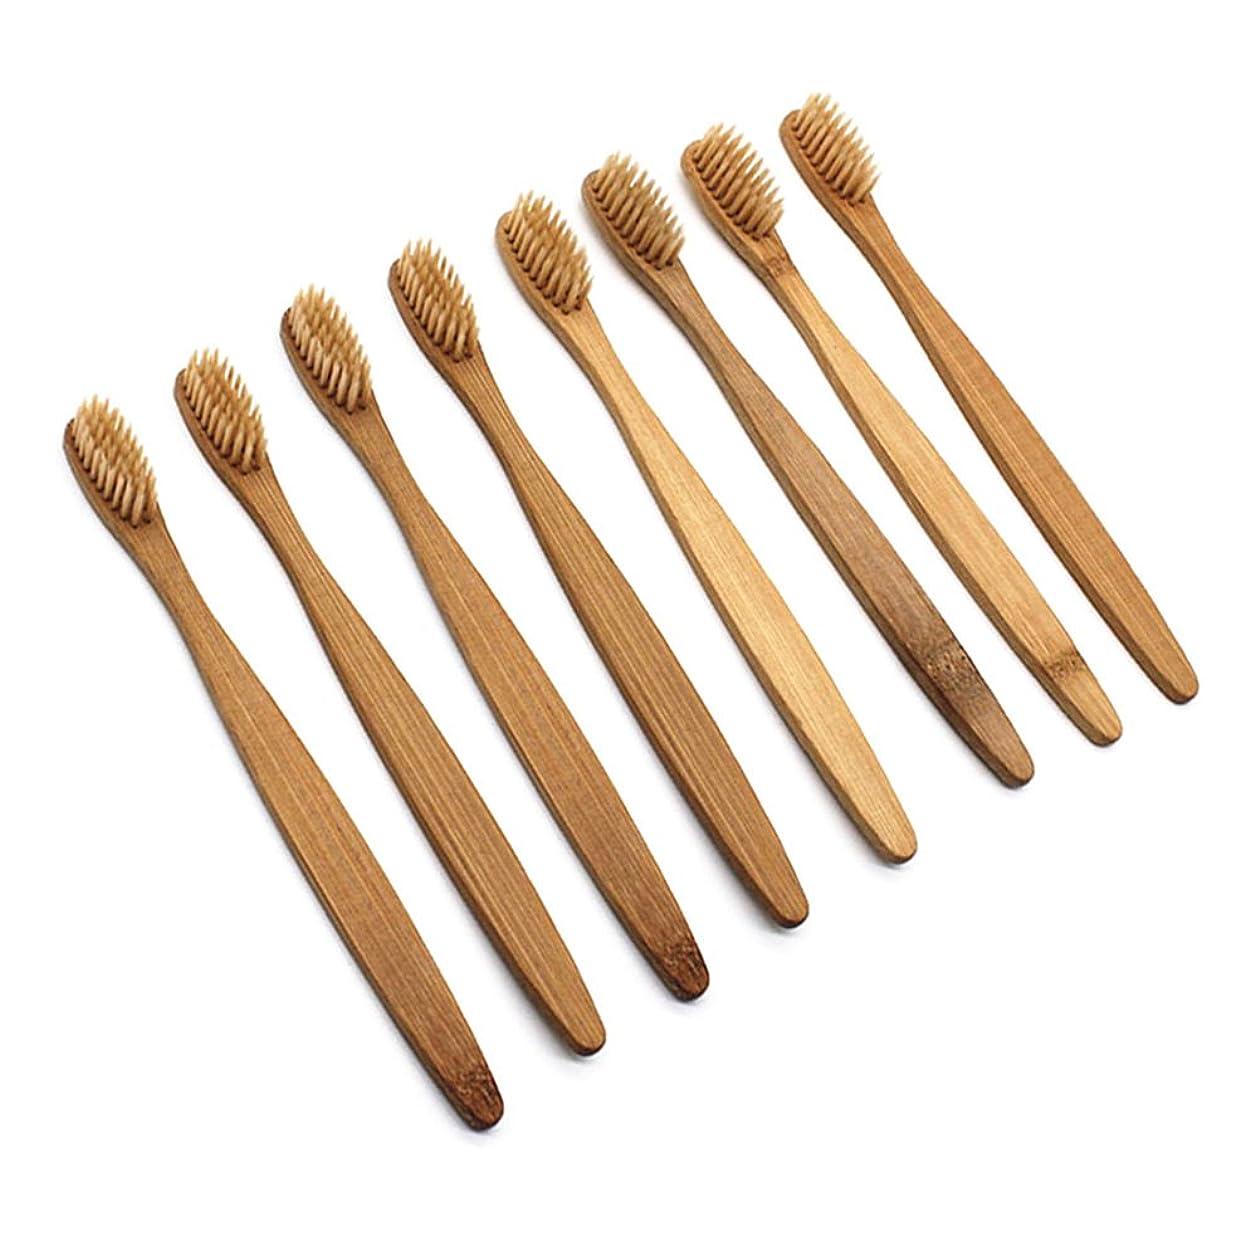 謝る十分ではない悲観的Heallily 敏感な歯茎のための柔らかい剛毛が付いているタケ歯ブラシ16pcsの自然な木の歯ブラシ環境に優しい歯ブラシ